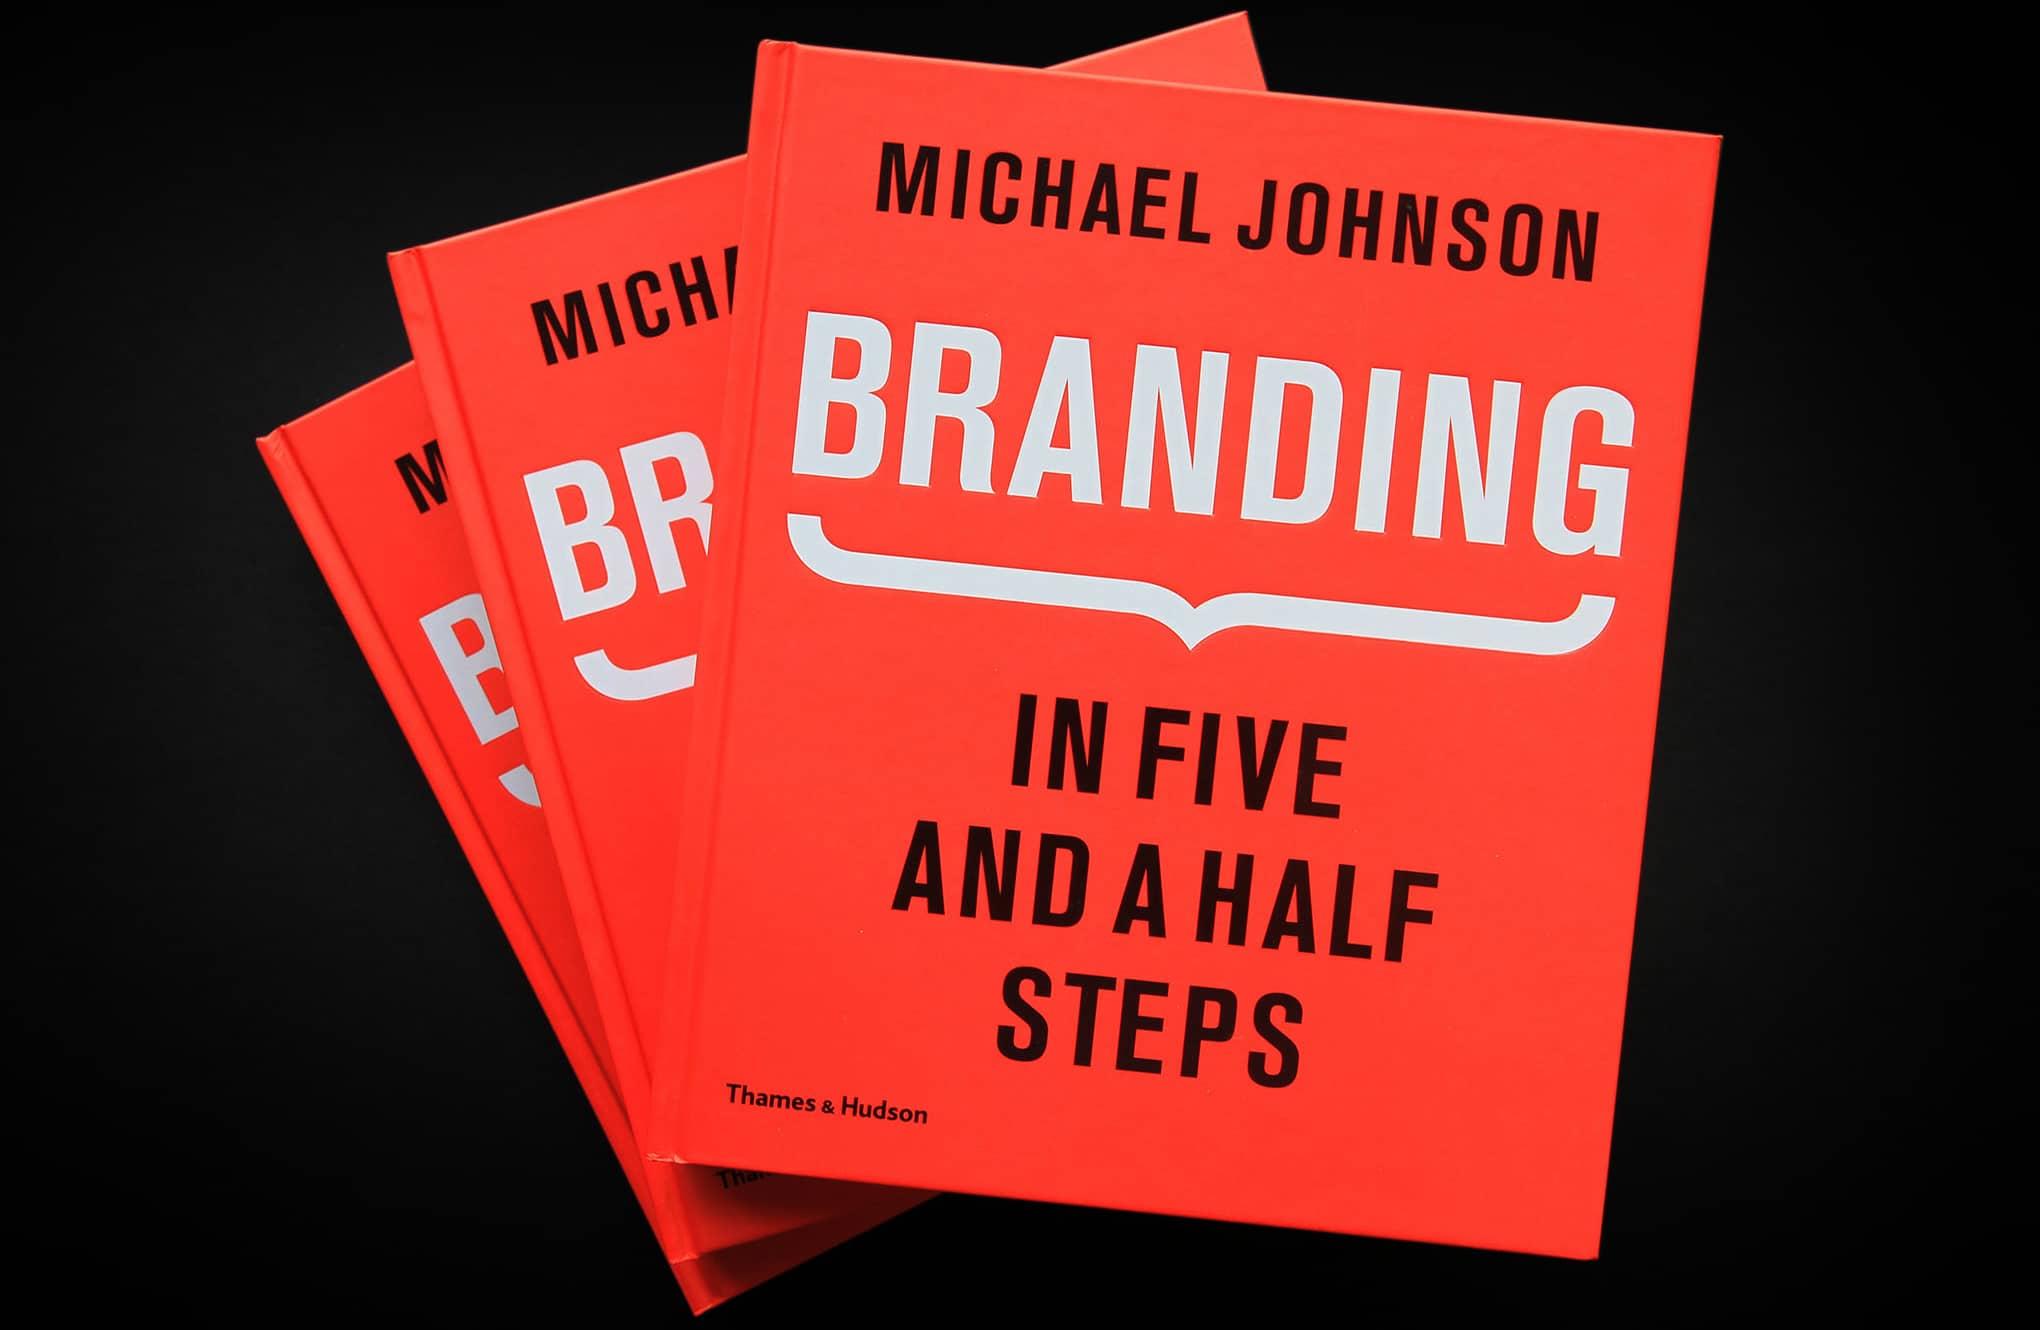 Branding_book_cover_crop